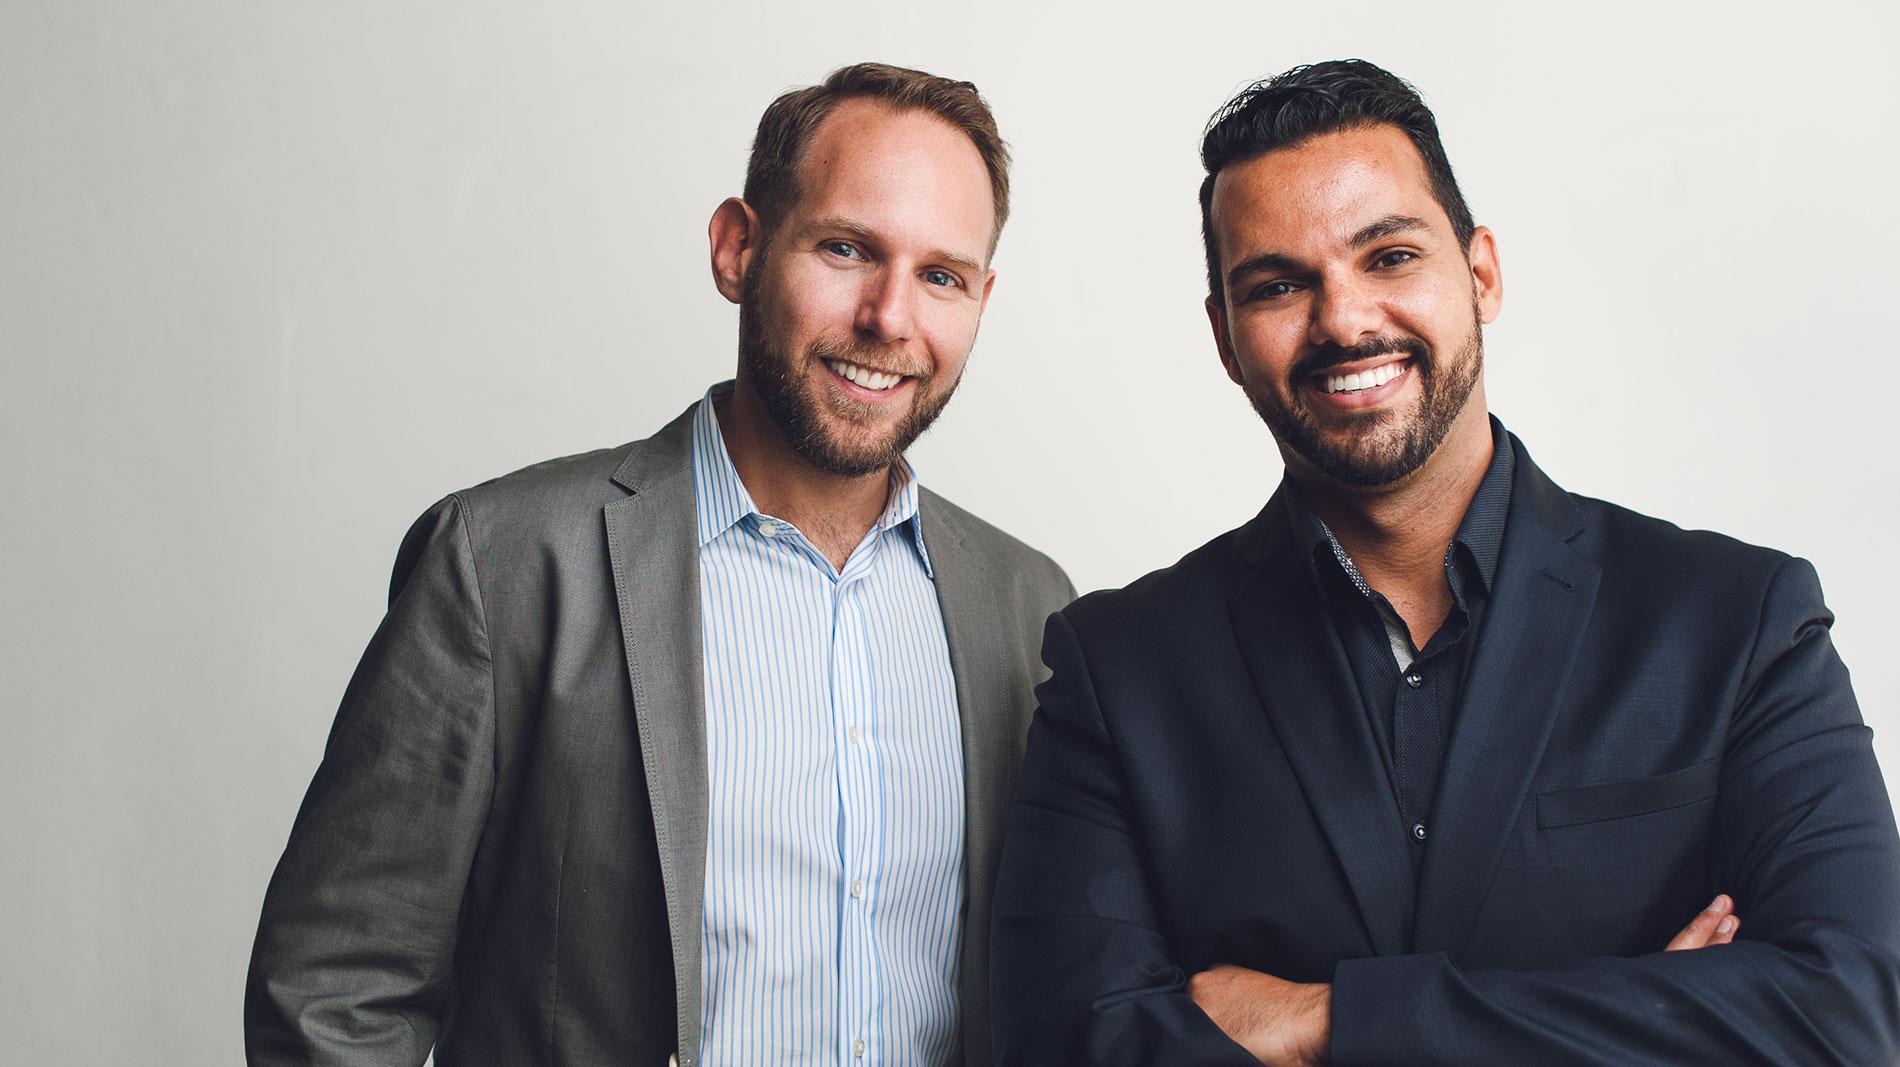 SweetIQ founders